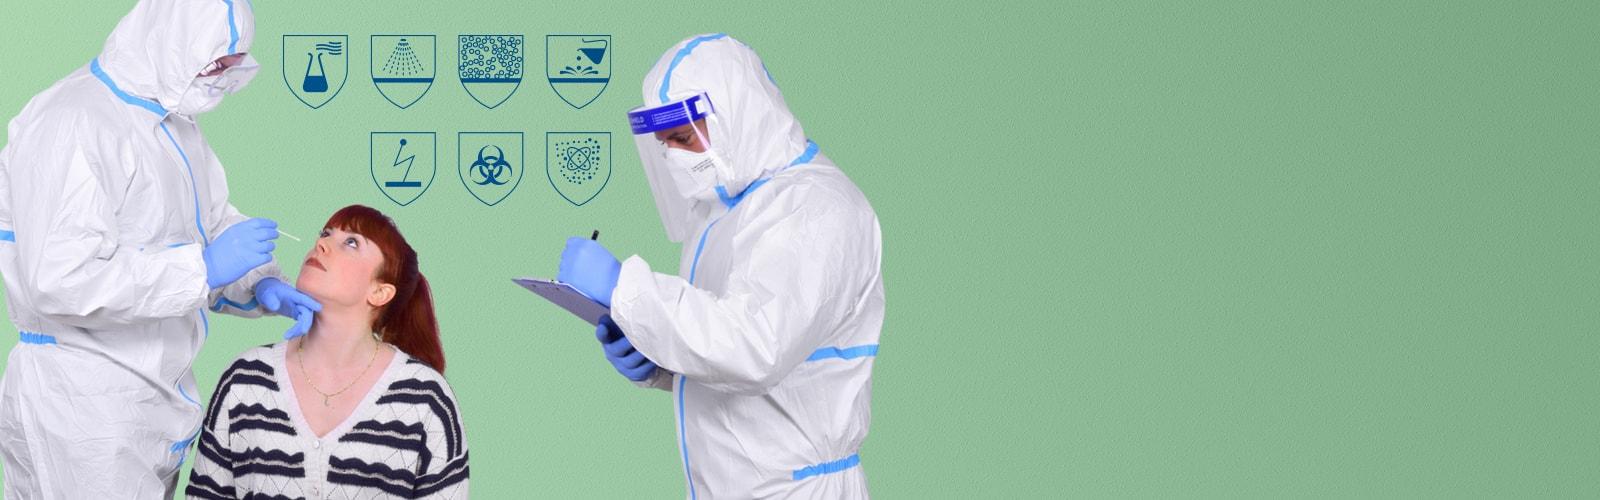 Infektionsschutz-Overall